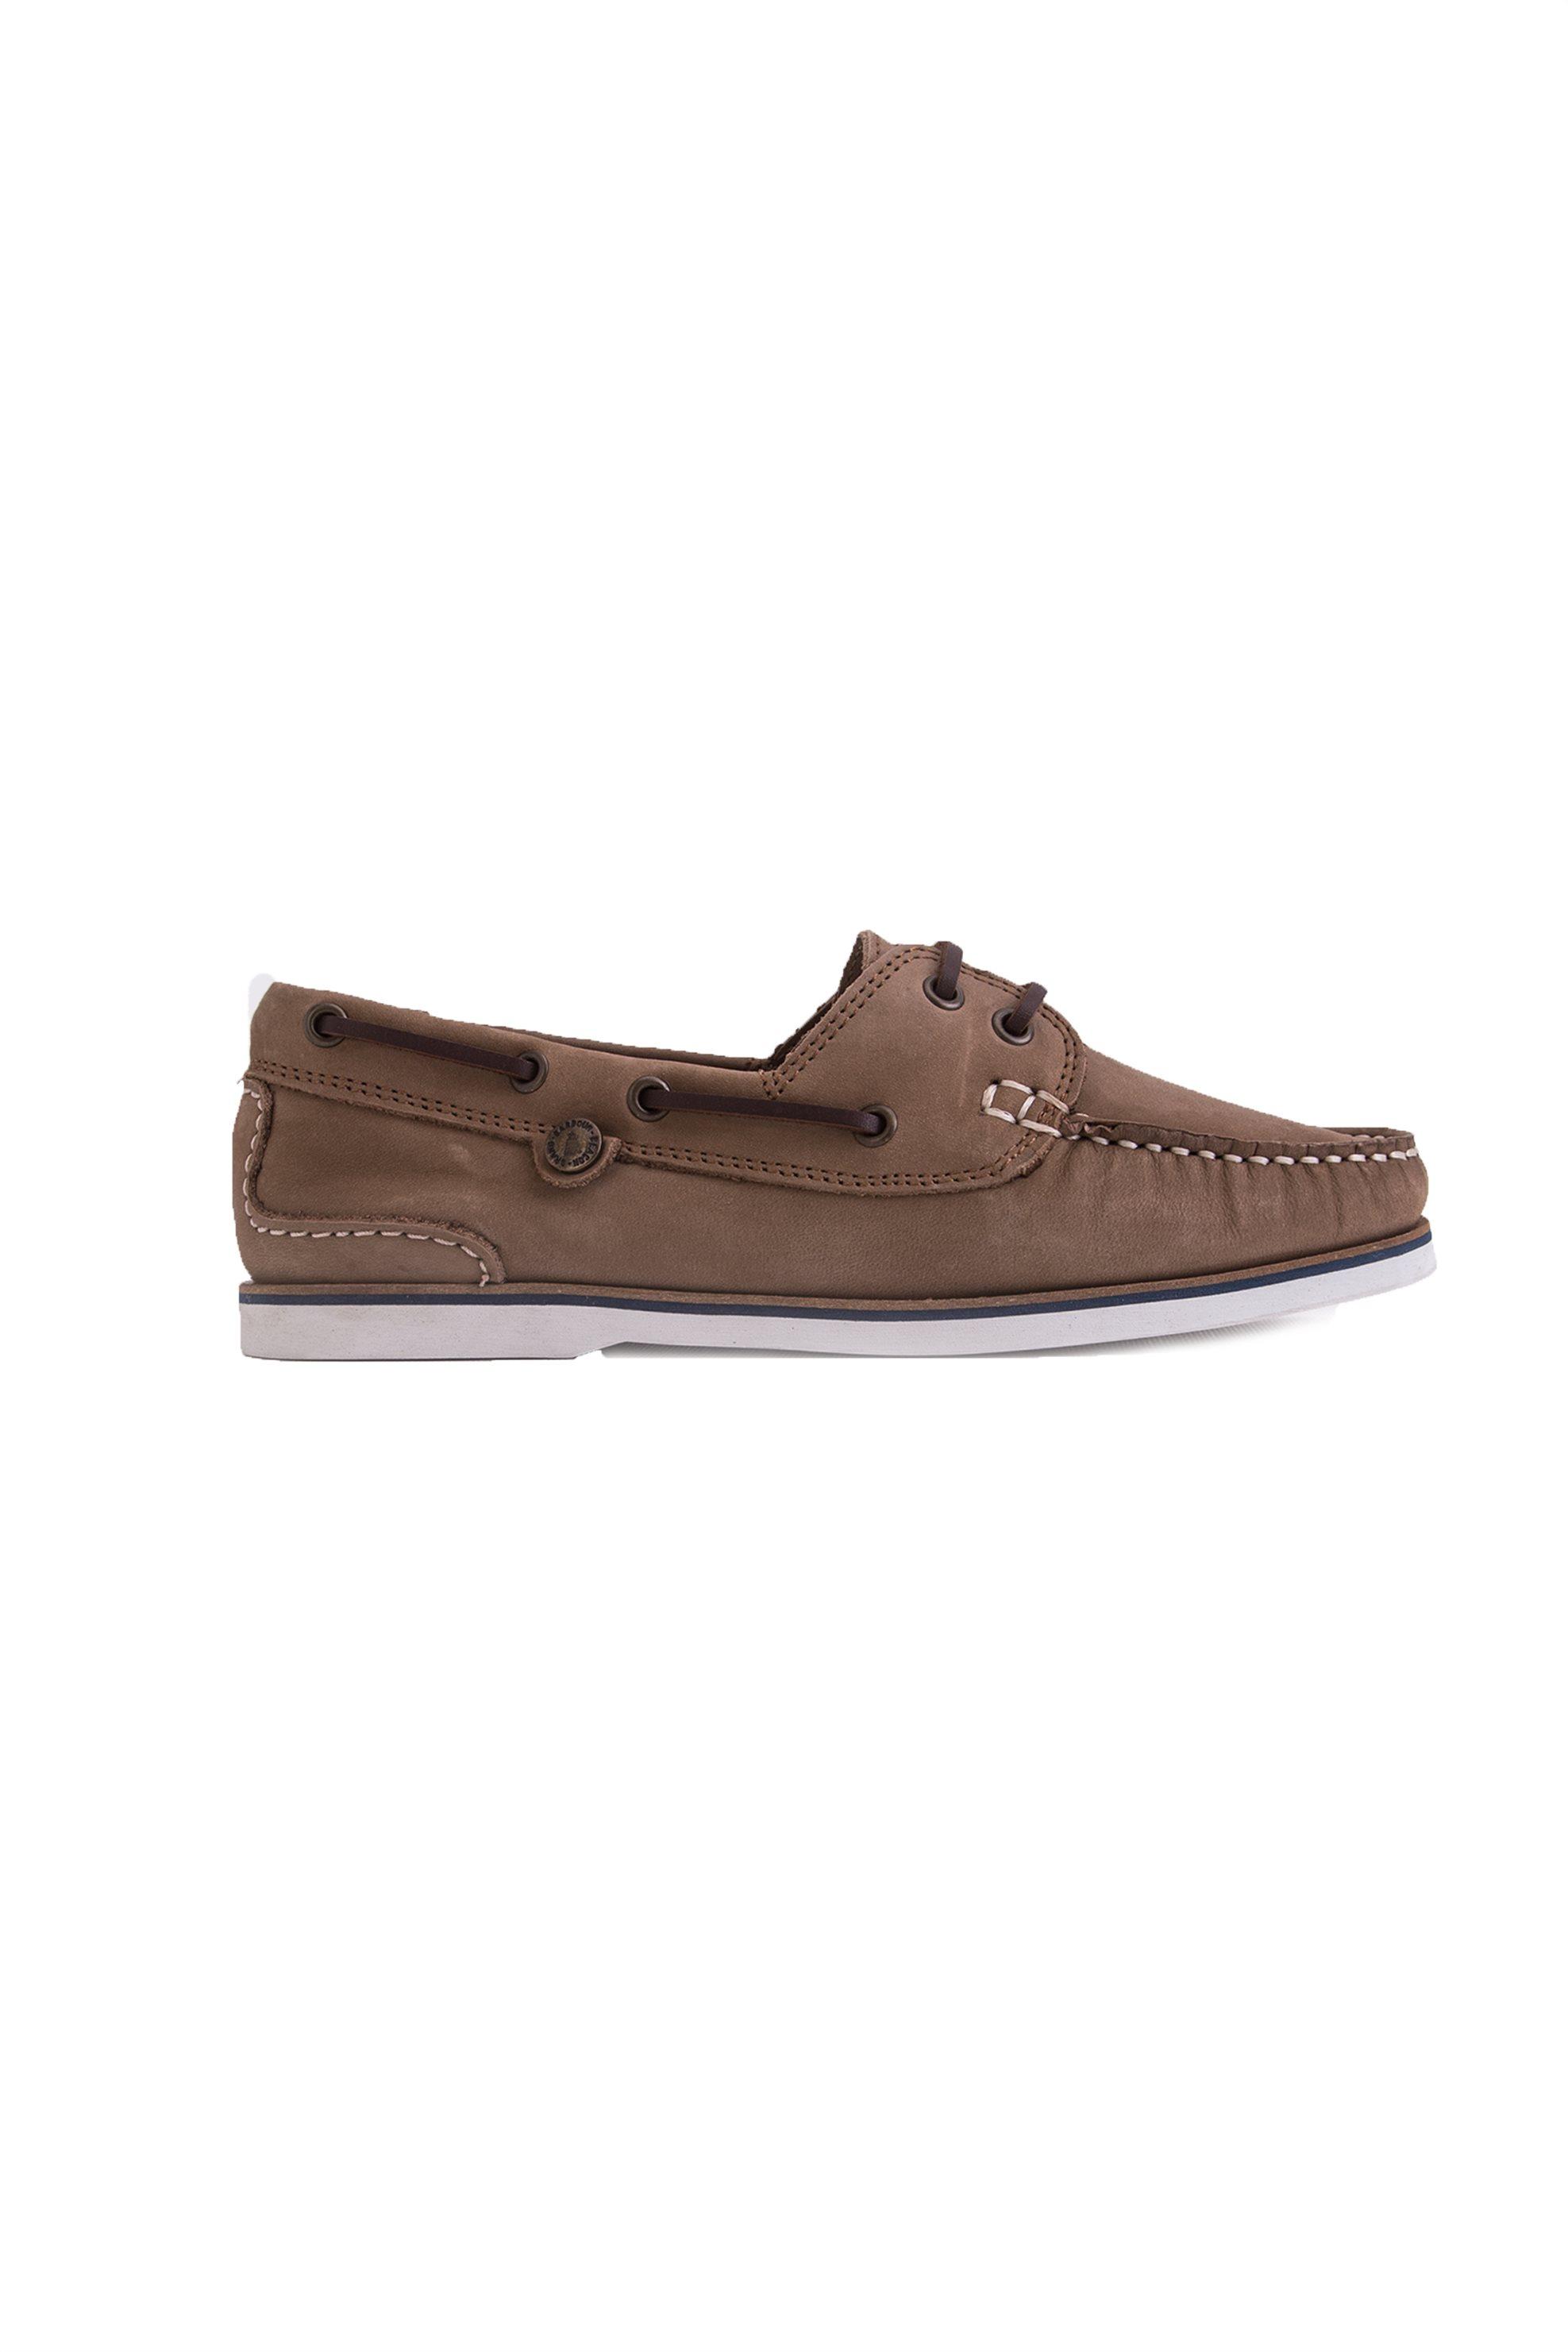 Barbour γυναικεία boat shoes Barbour - LFO0175 - Ταμπά